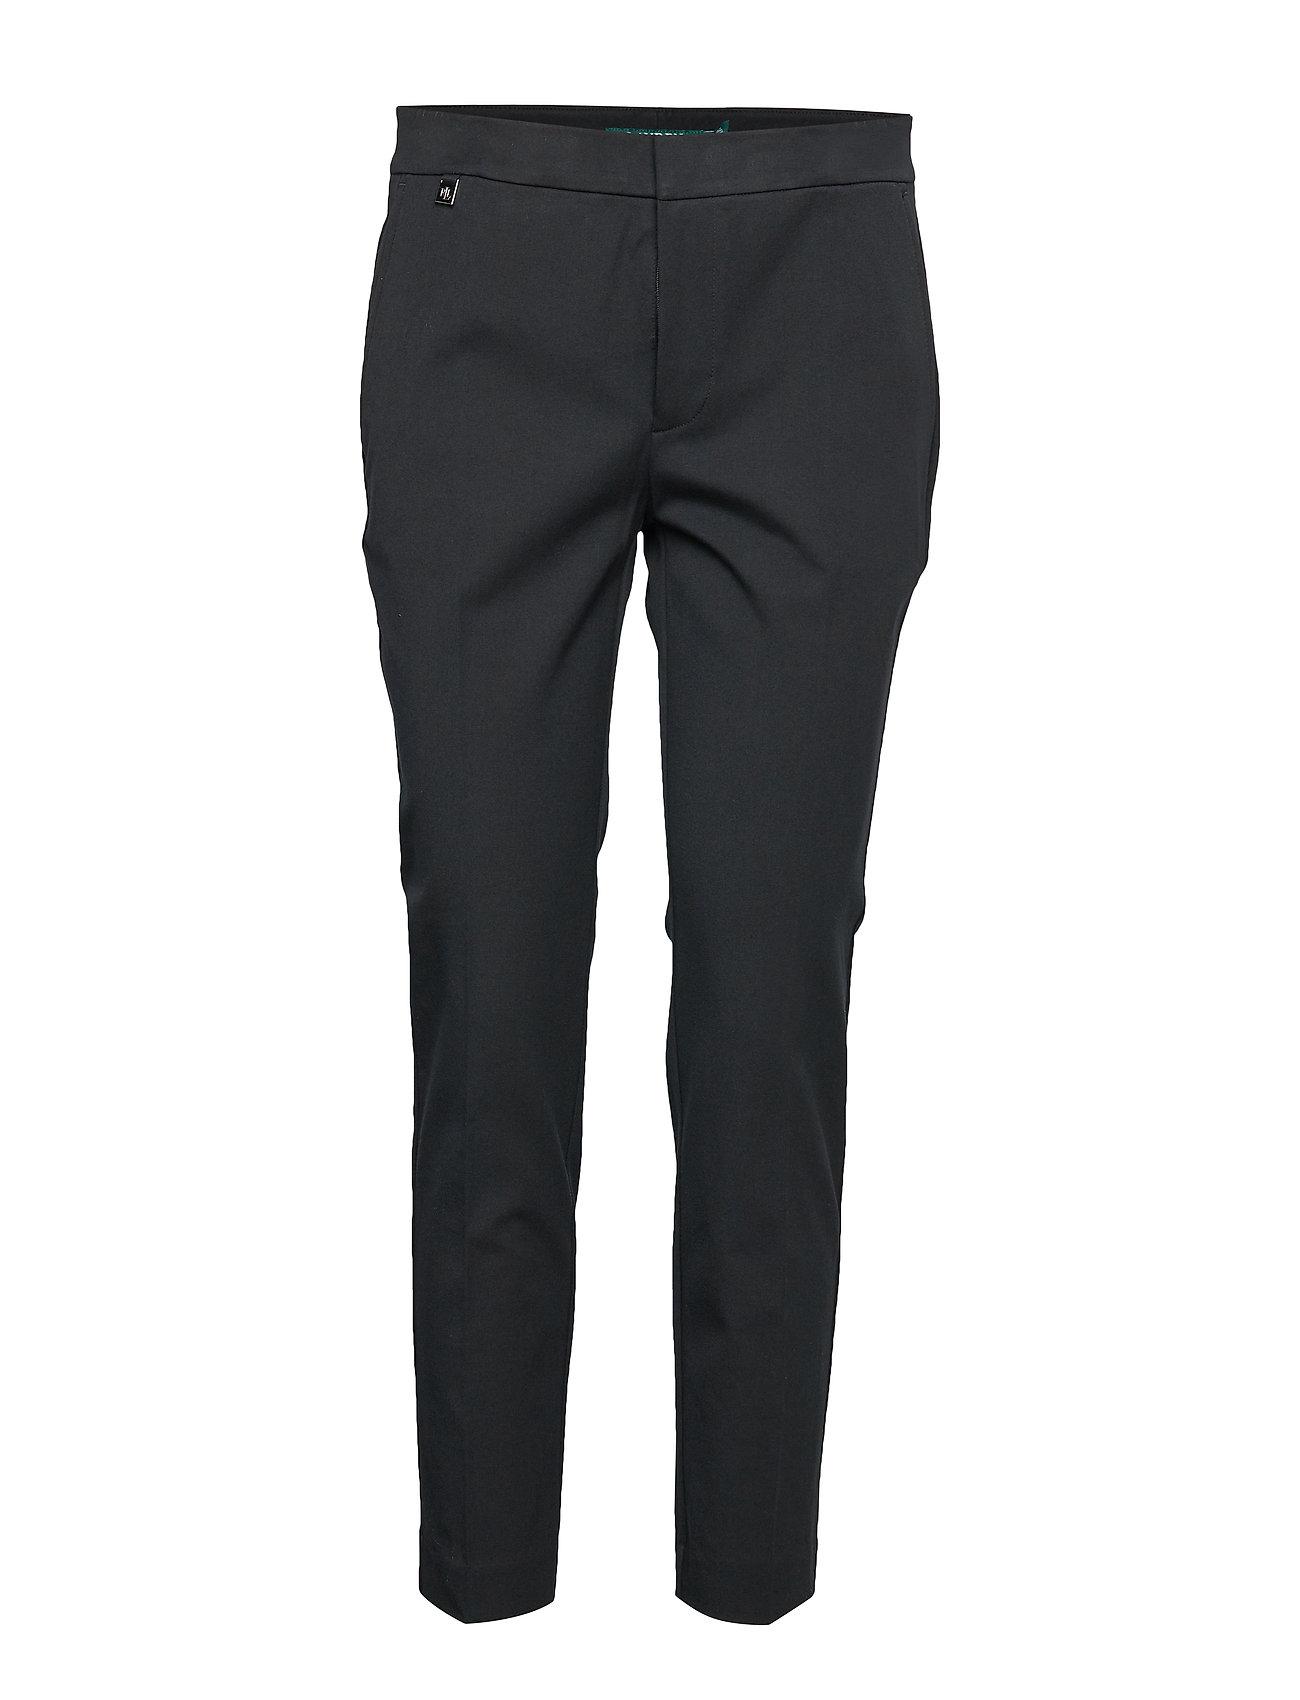 Lauren Ralph Lauren Cotton Twill Skinny Pant - BLACK